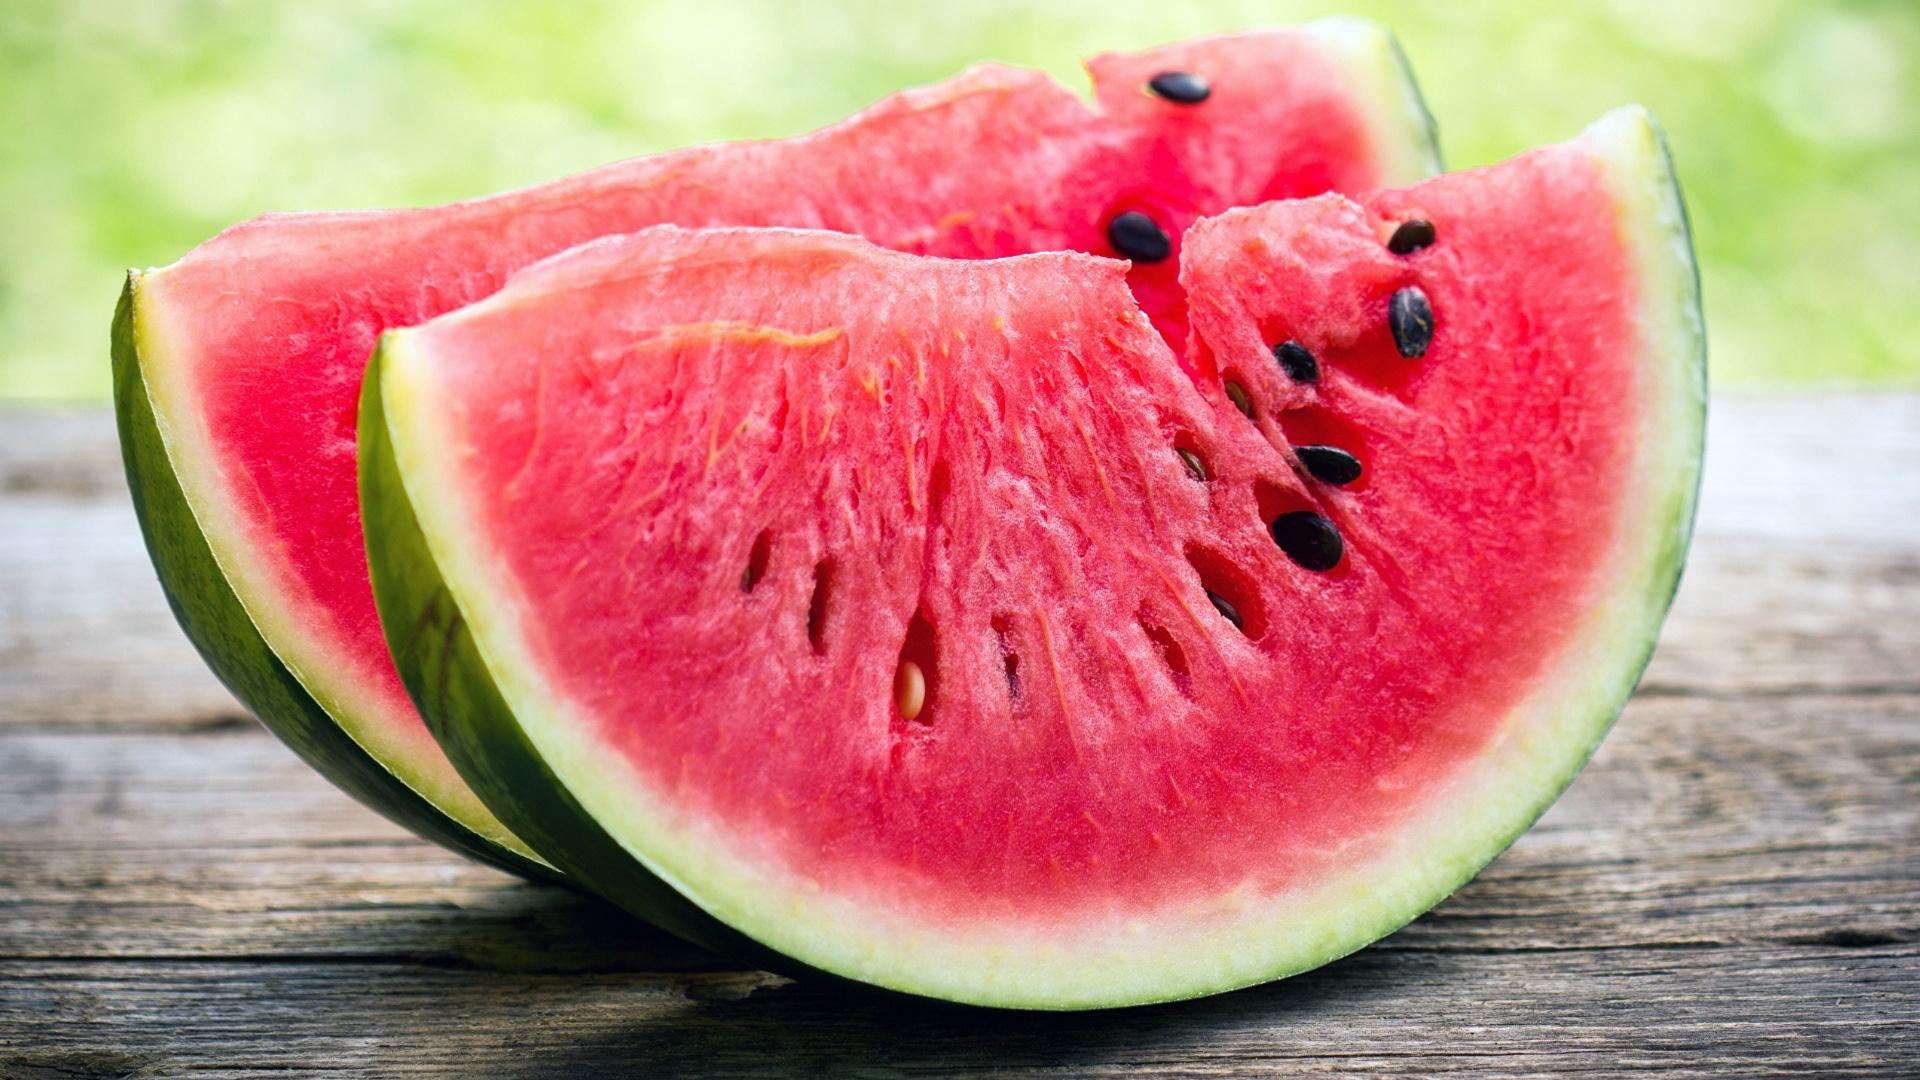 Watermelon Full HD Wallpaper